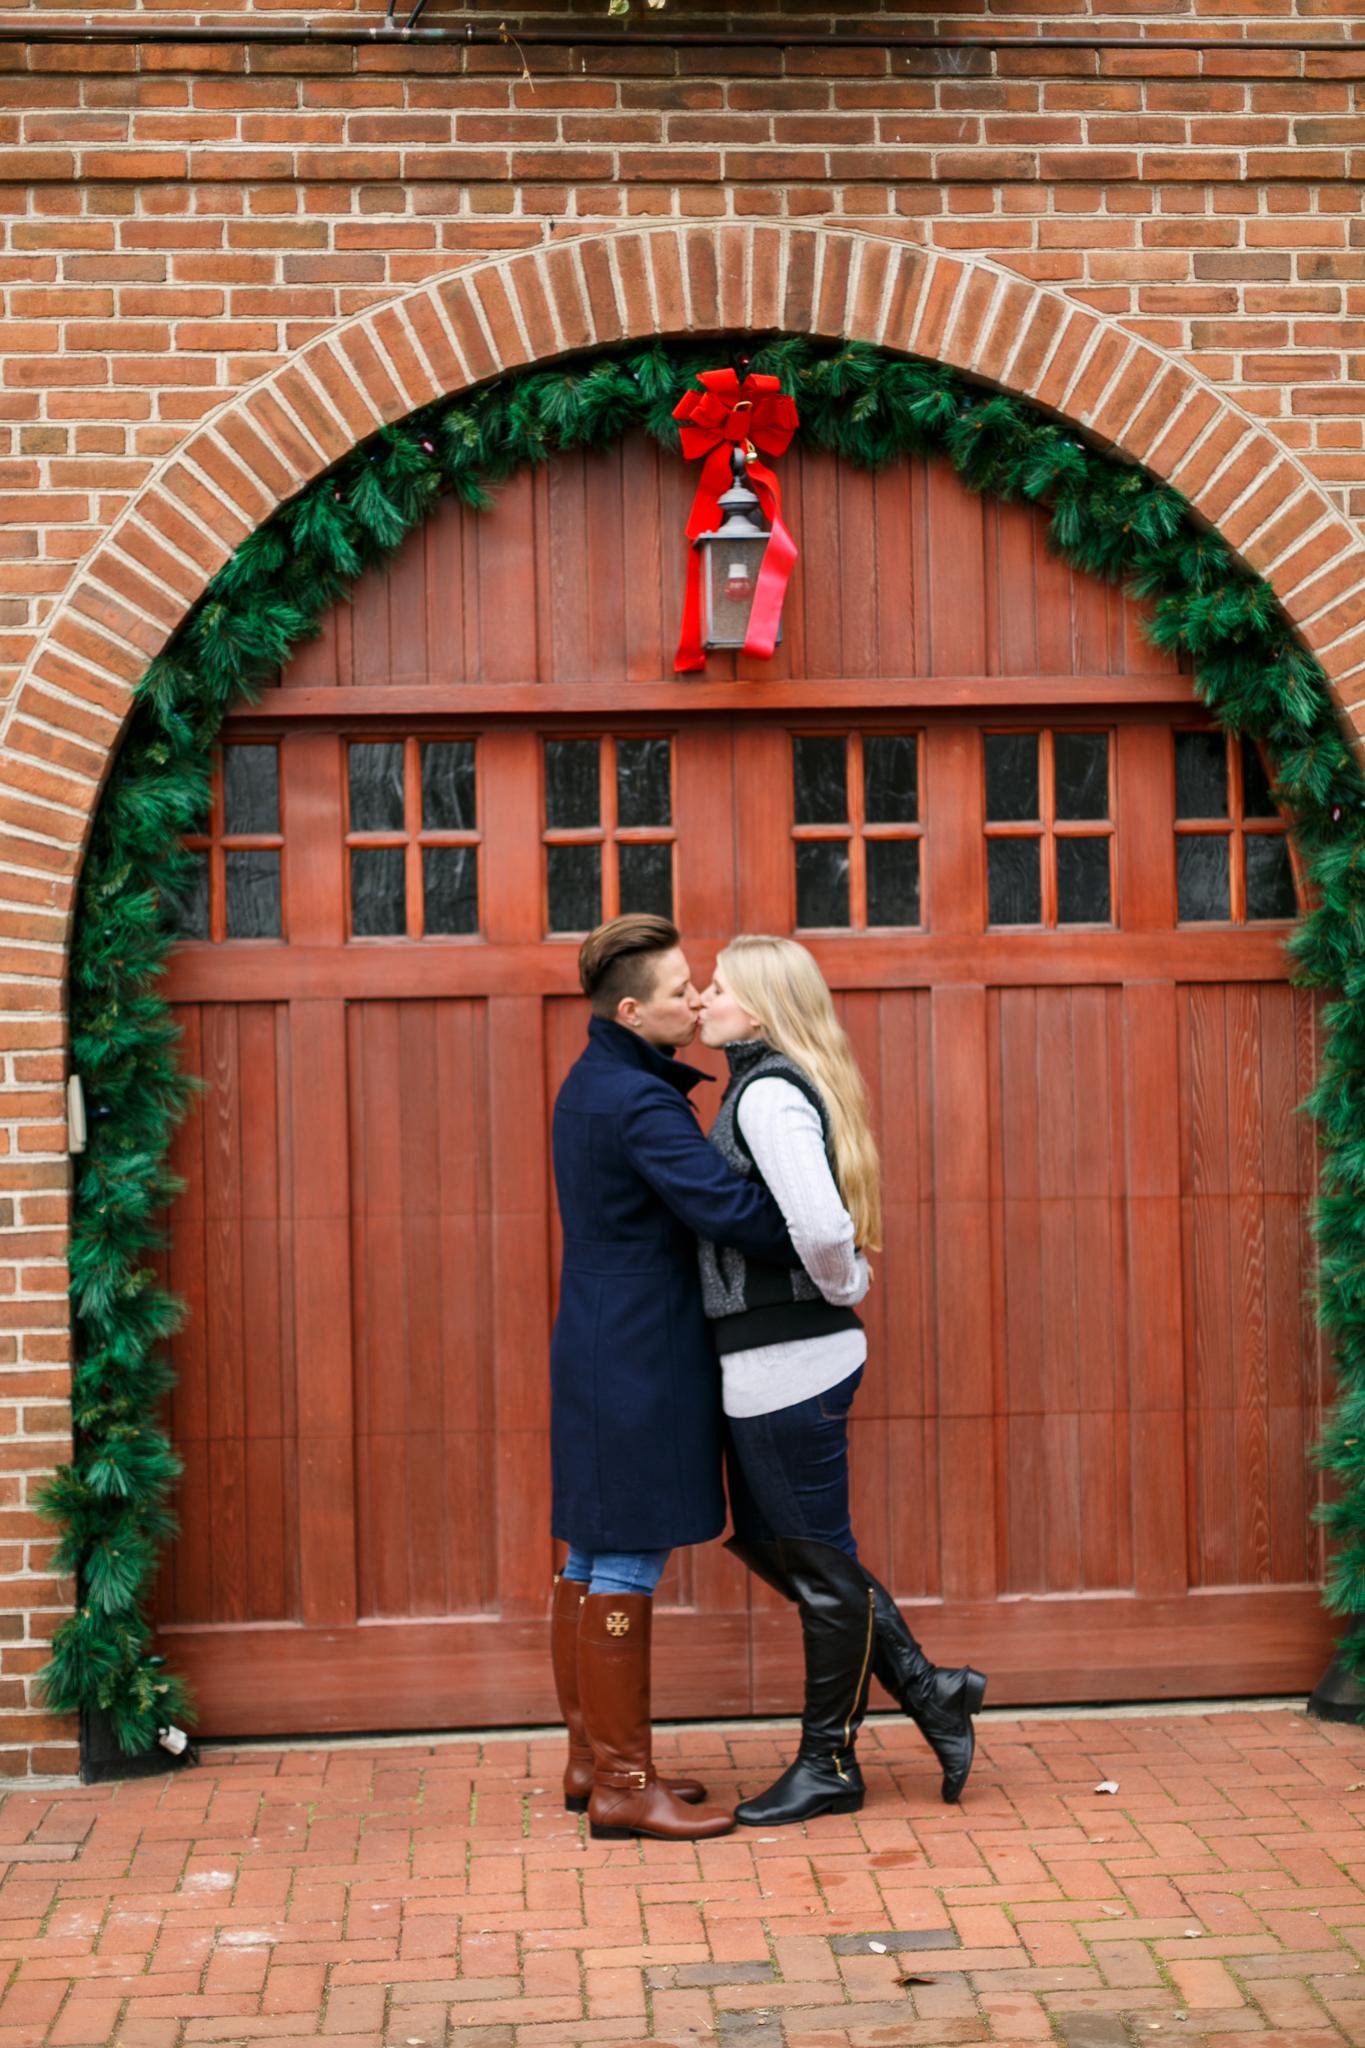 A&E South Street Engagement Shoot-106.jpg